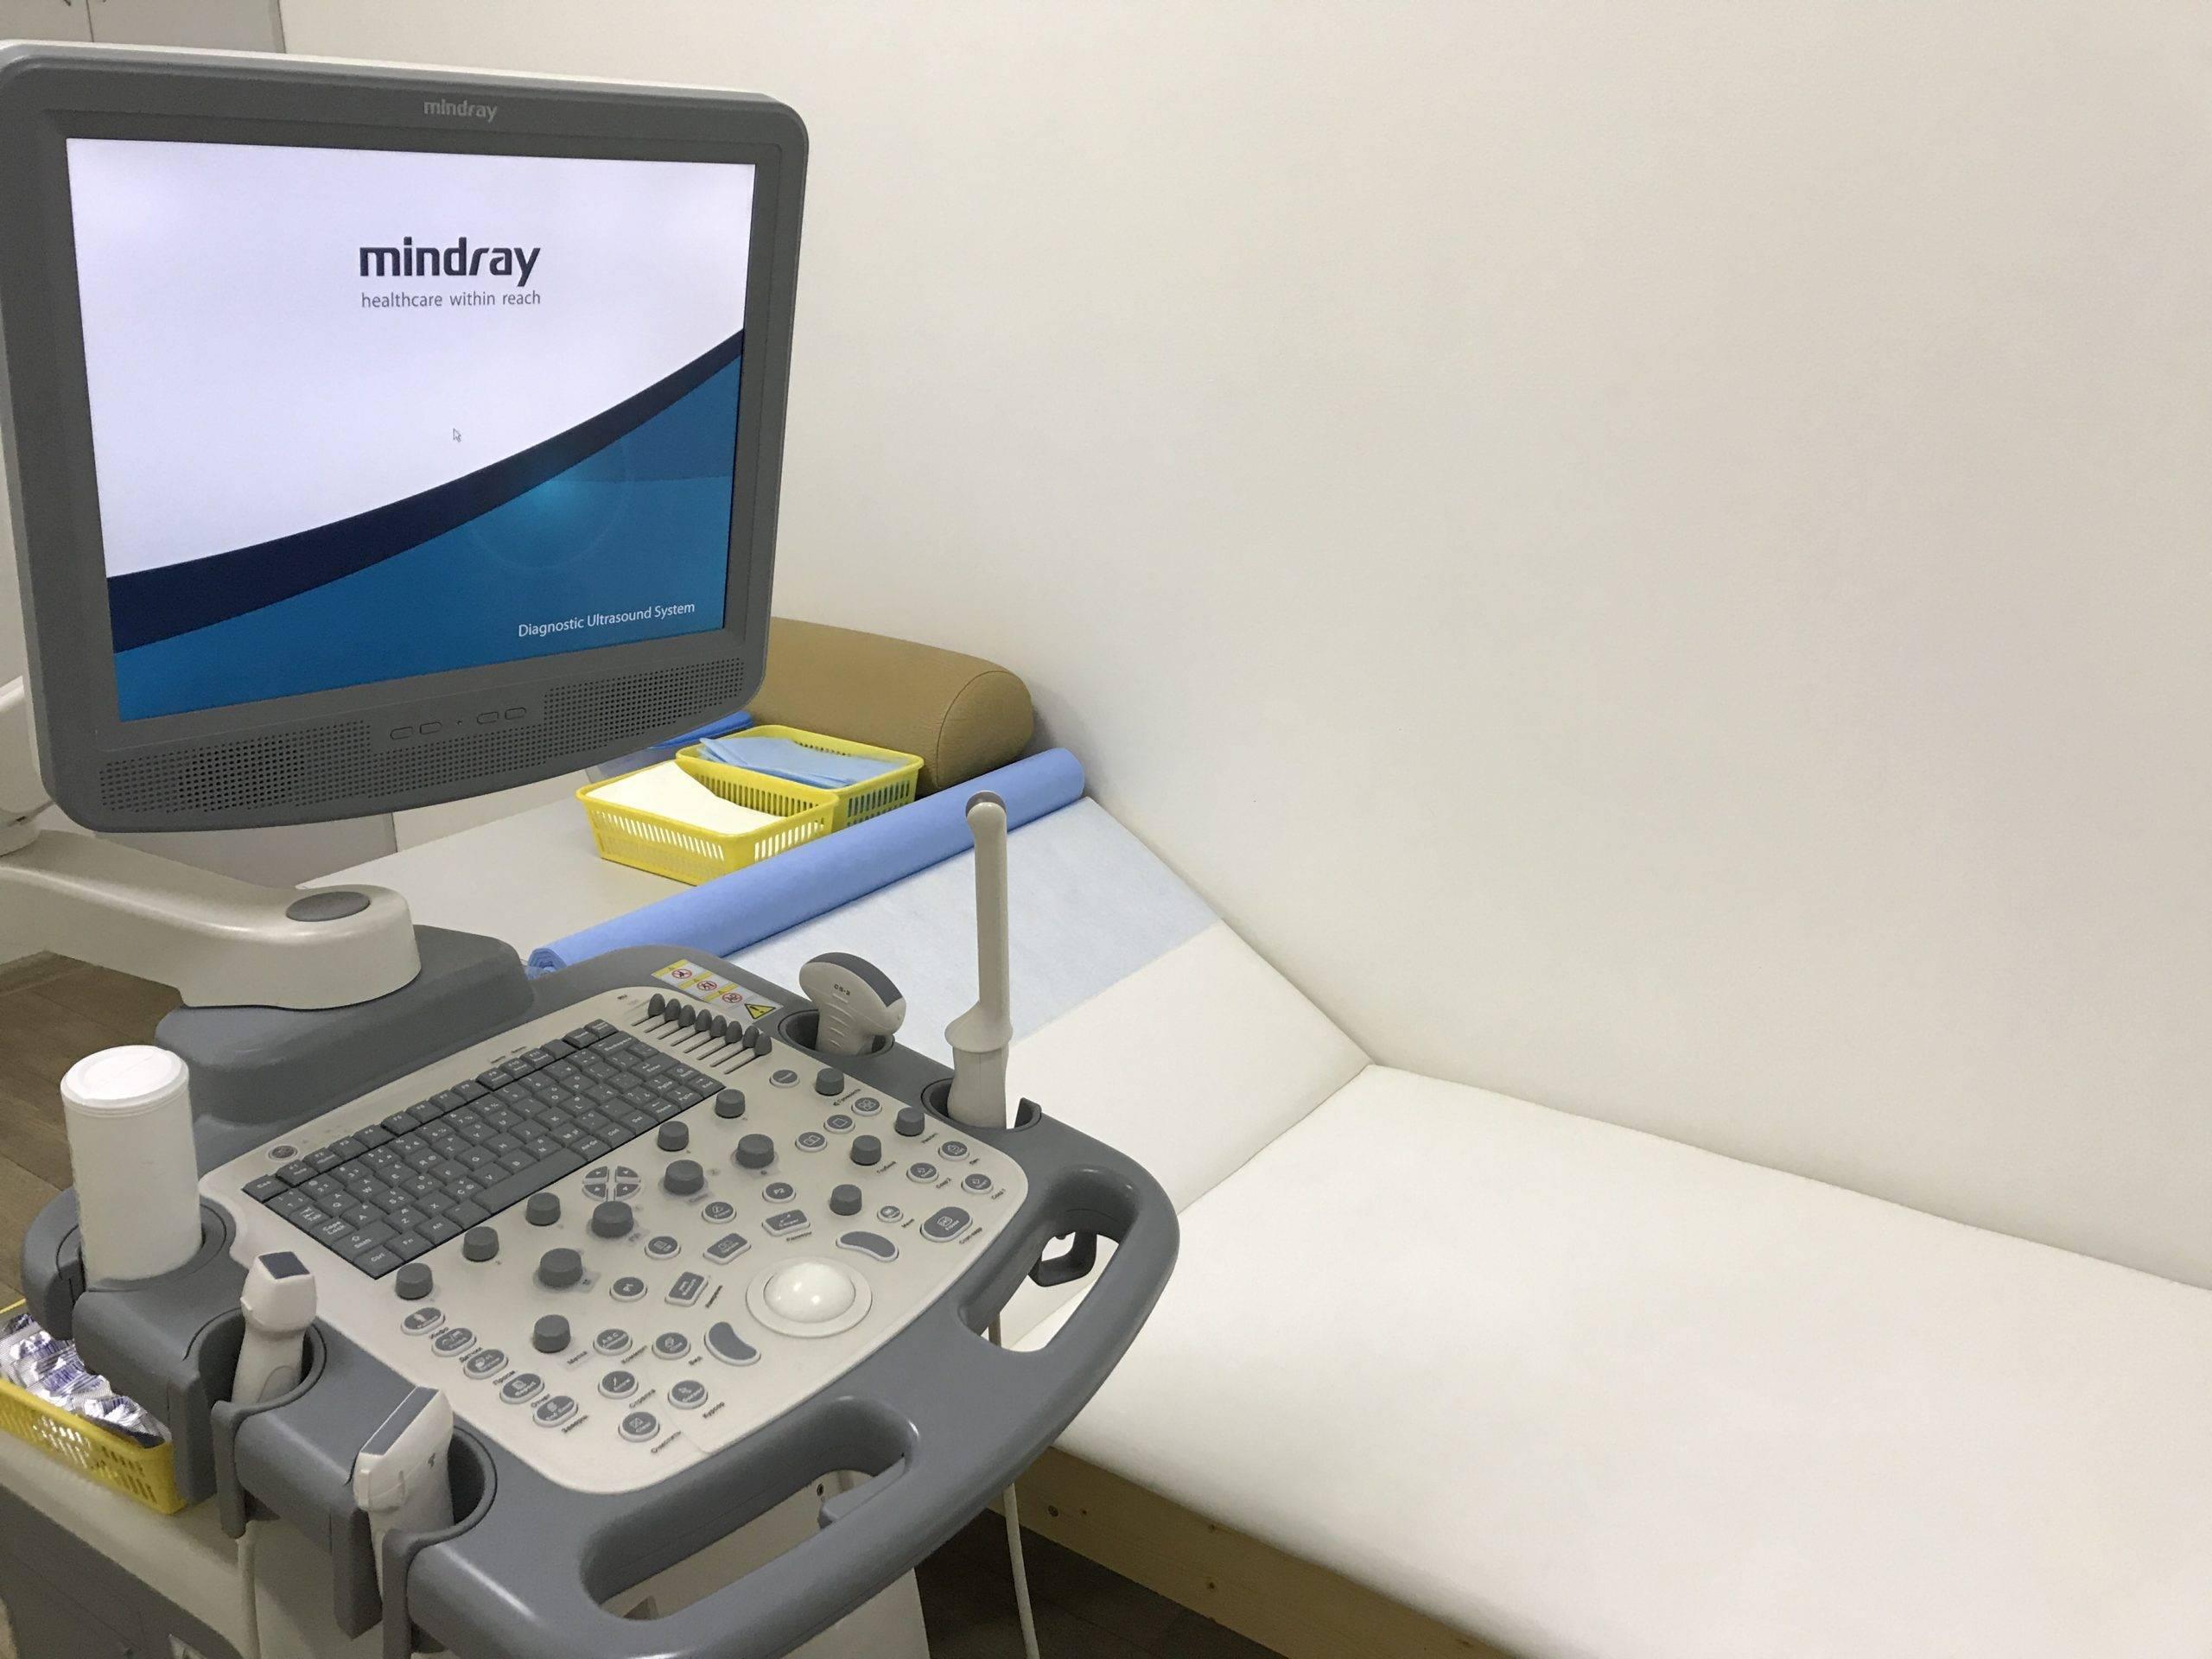 эластография печени подготовка к процедуре